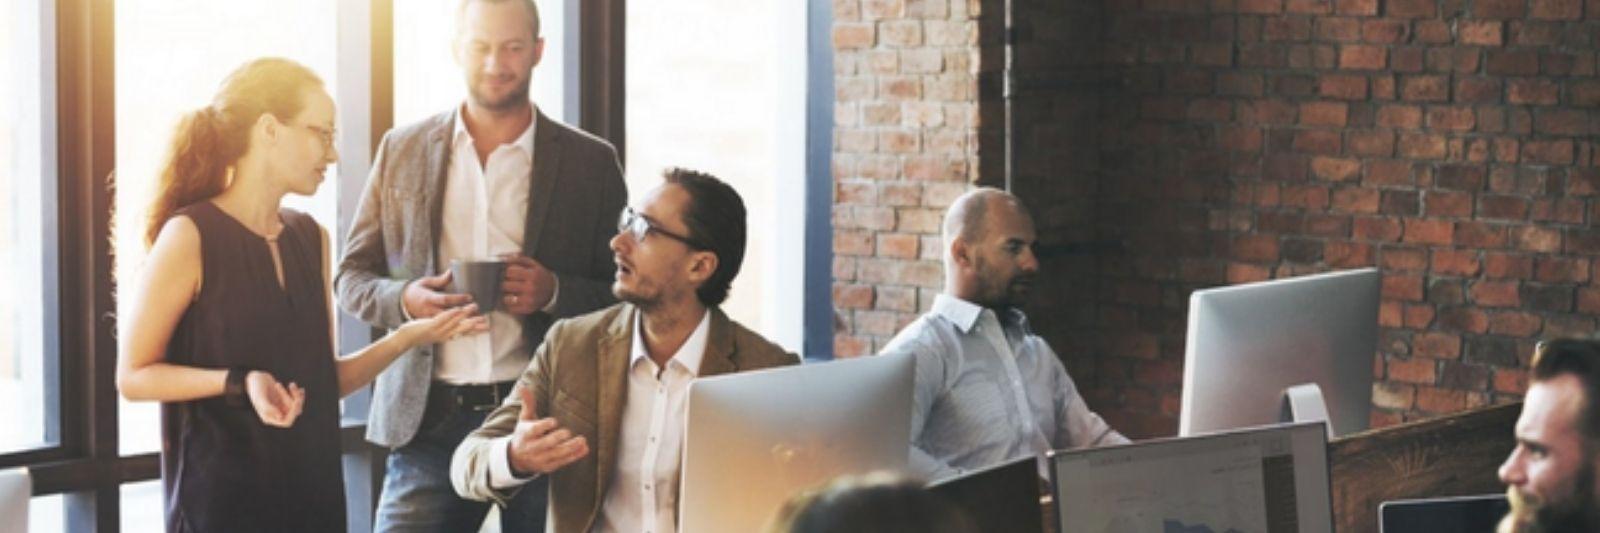 Office 365: la guía básica que necesita tu empresa para aprovecharlo